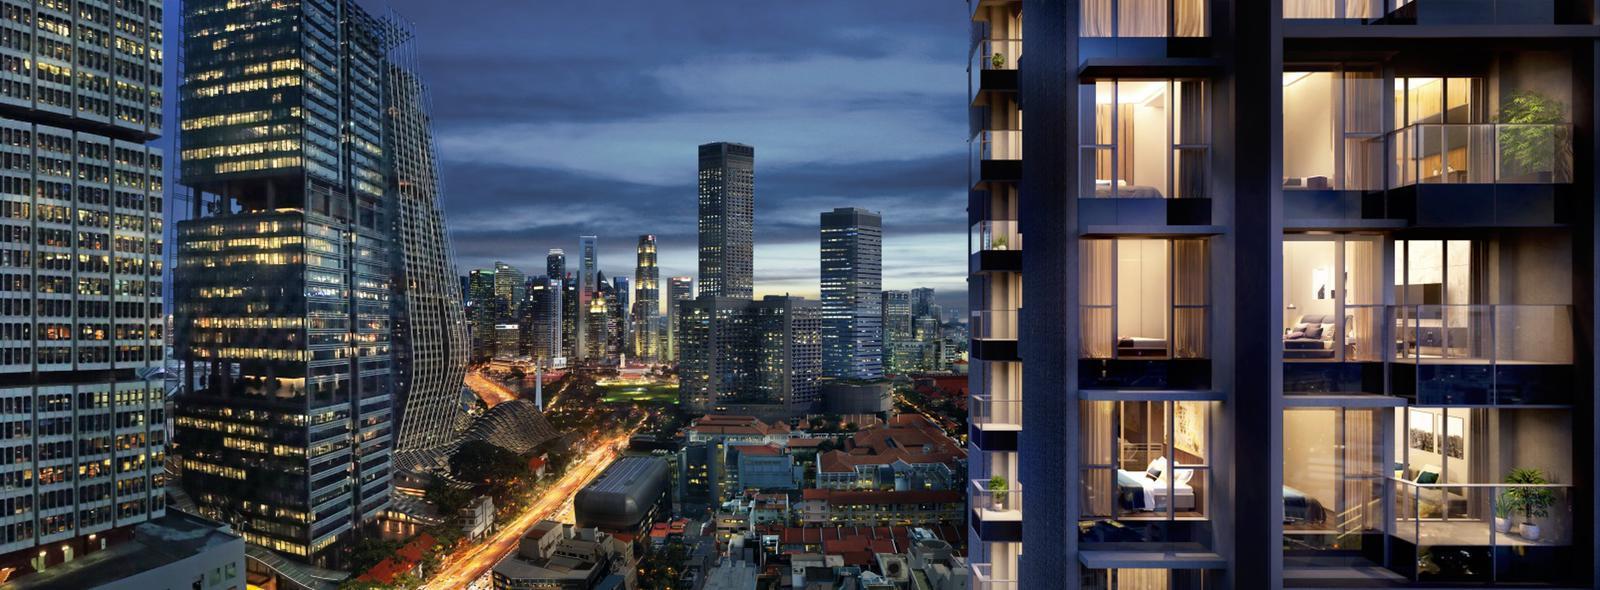 The-M-Condominium-View.jpg